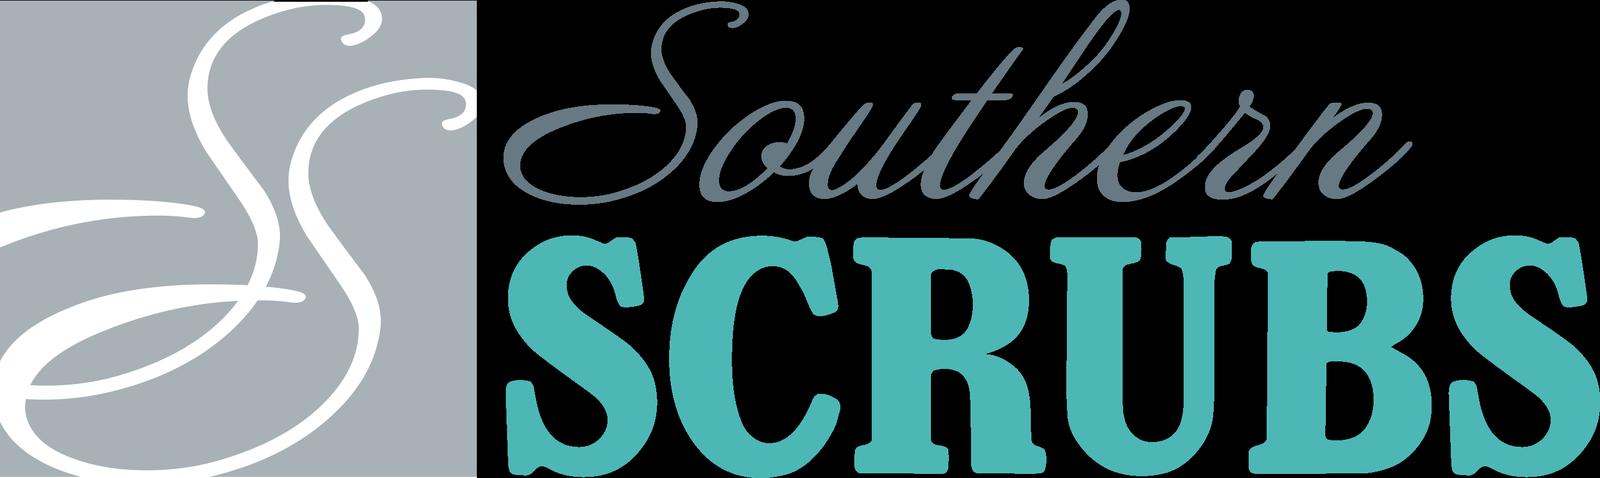 Southern Scrubs